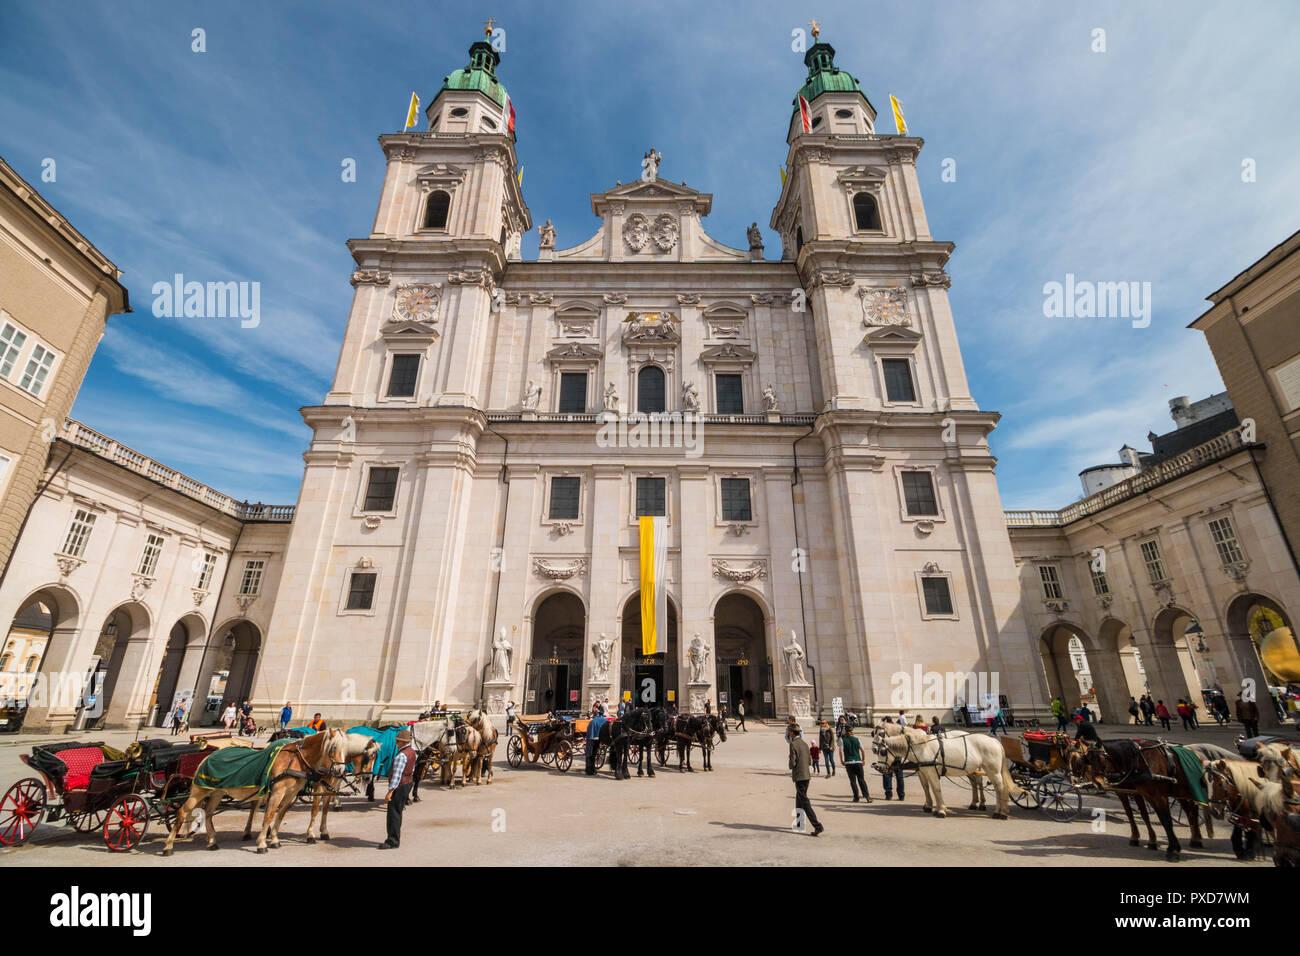 Salzburg, Österreich - April 6, 2018: Viele Pferdekutschen mit schönen Pferde vor dem Salzburger Dom mit Domplatz geparkt warten zu geben Stockbild